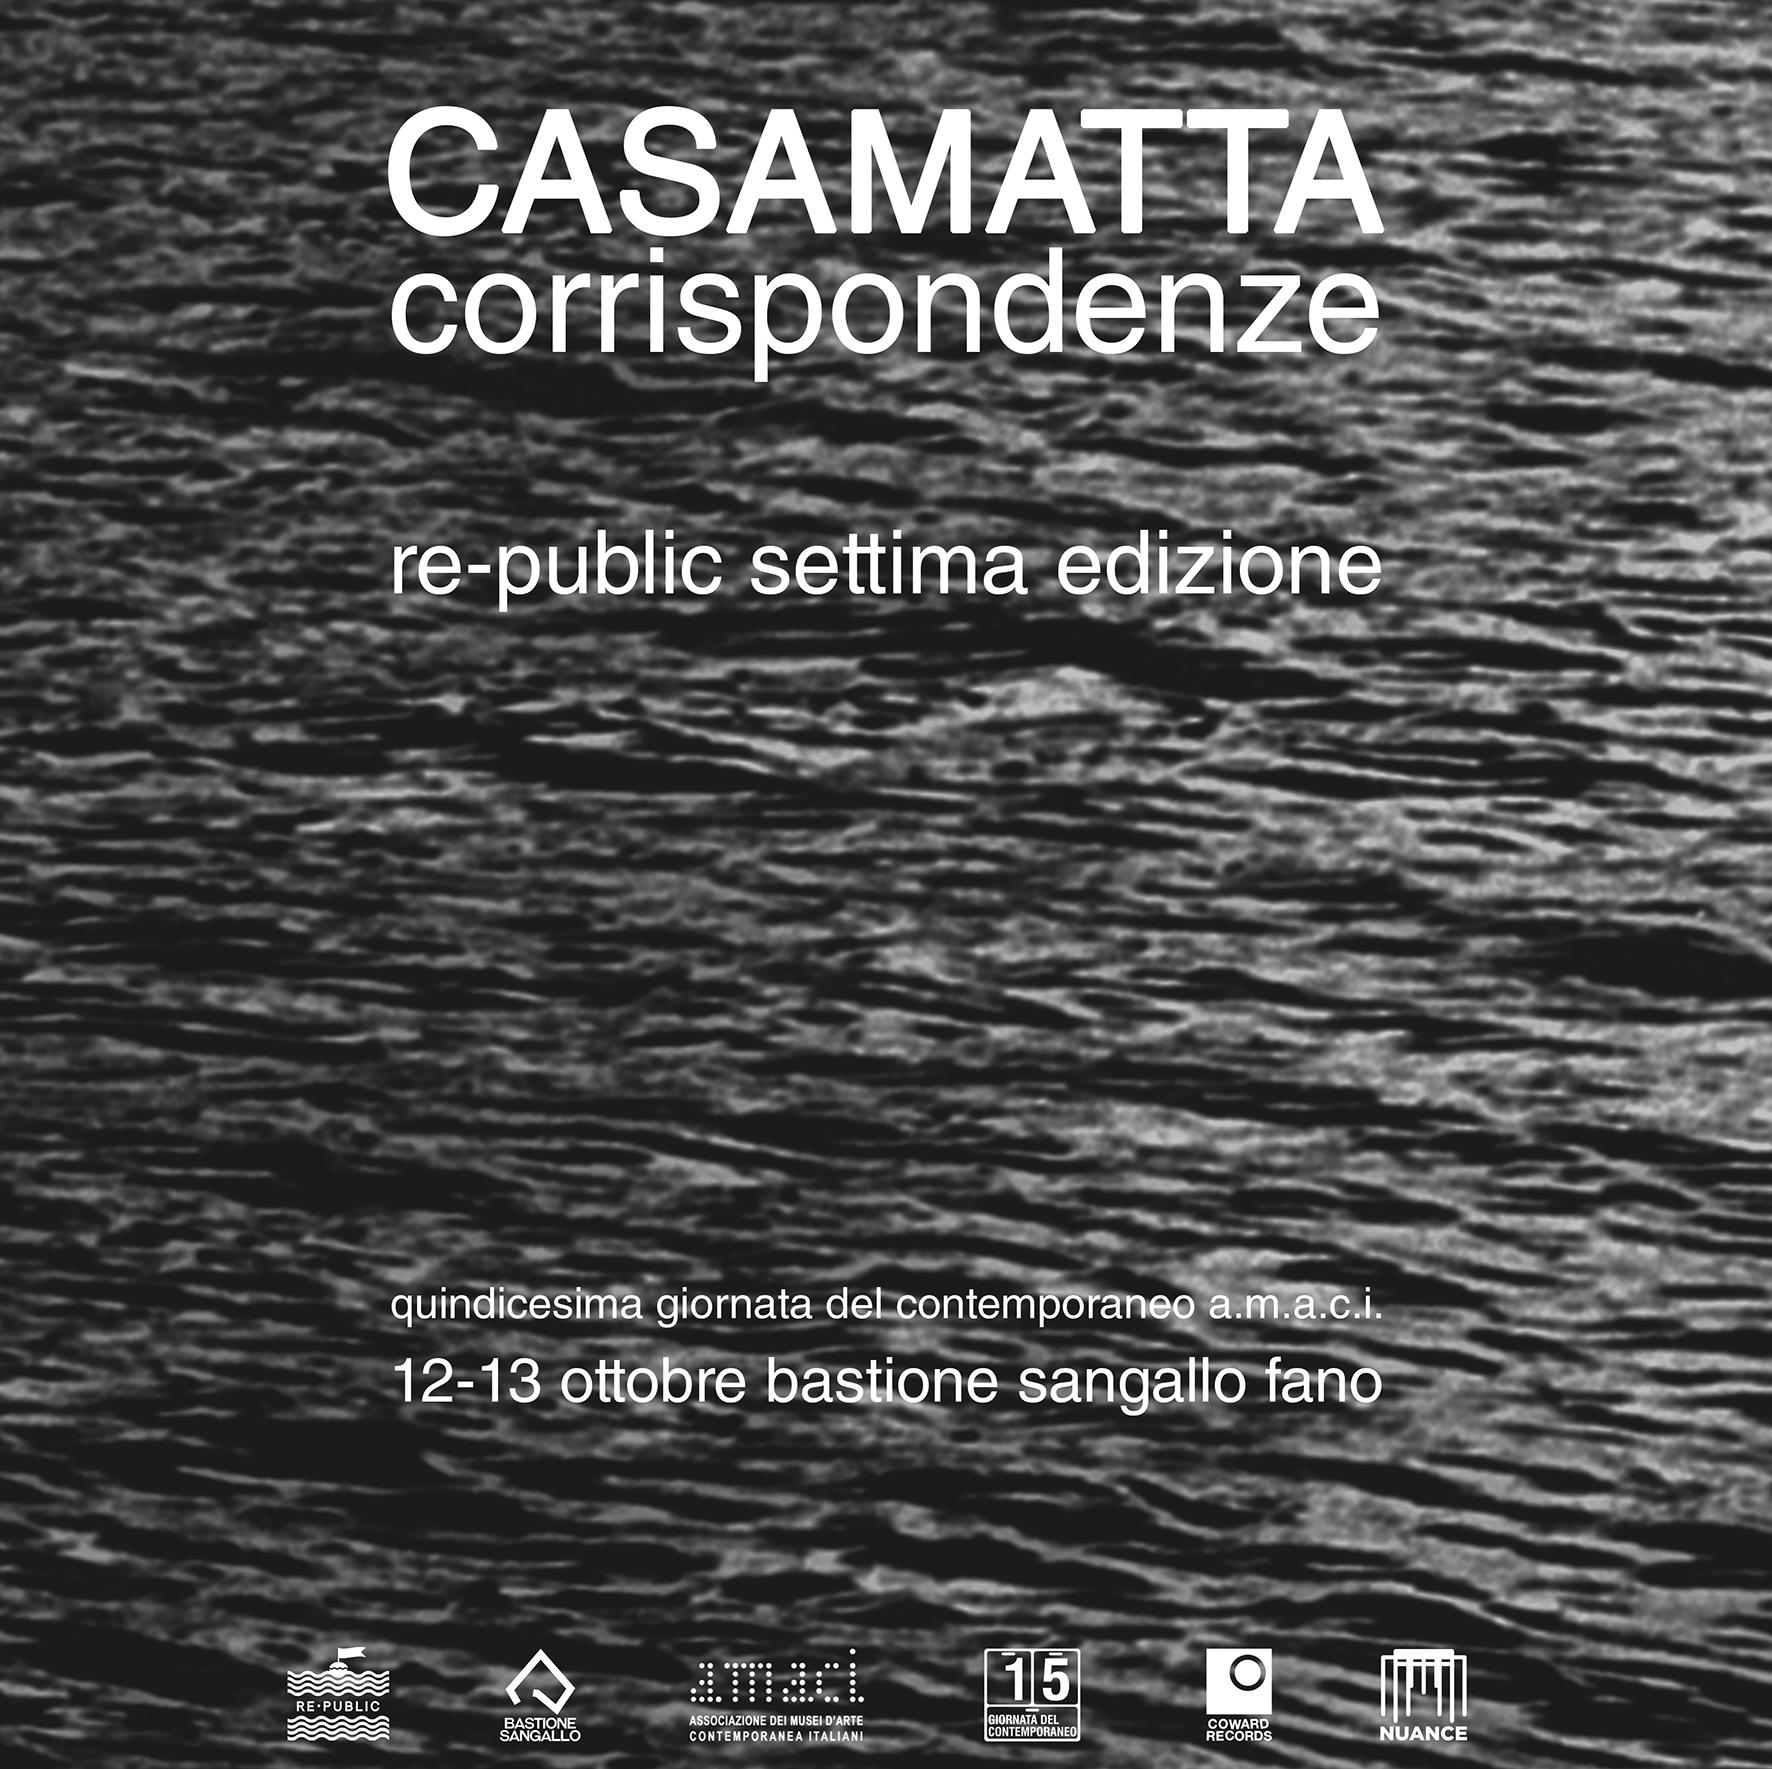 Locandina_CASAMATTA-2019.jpg